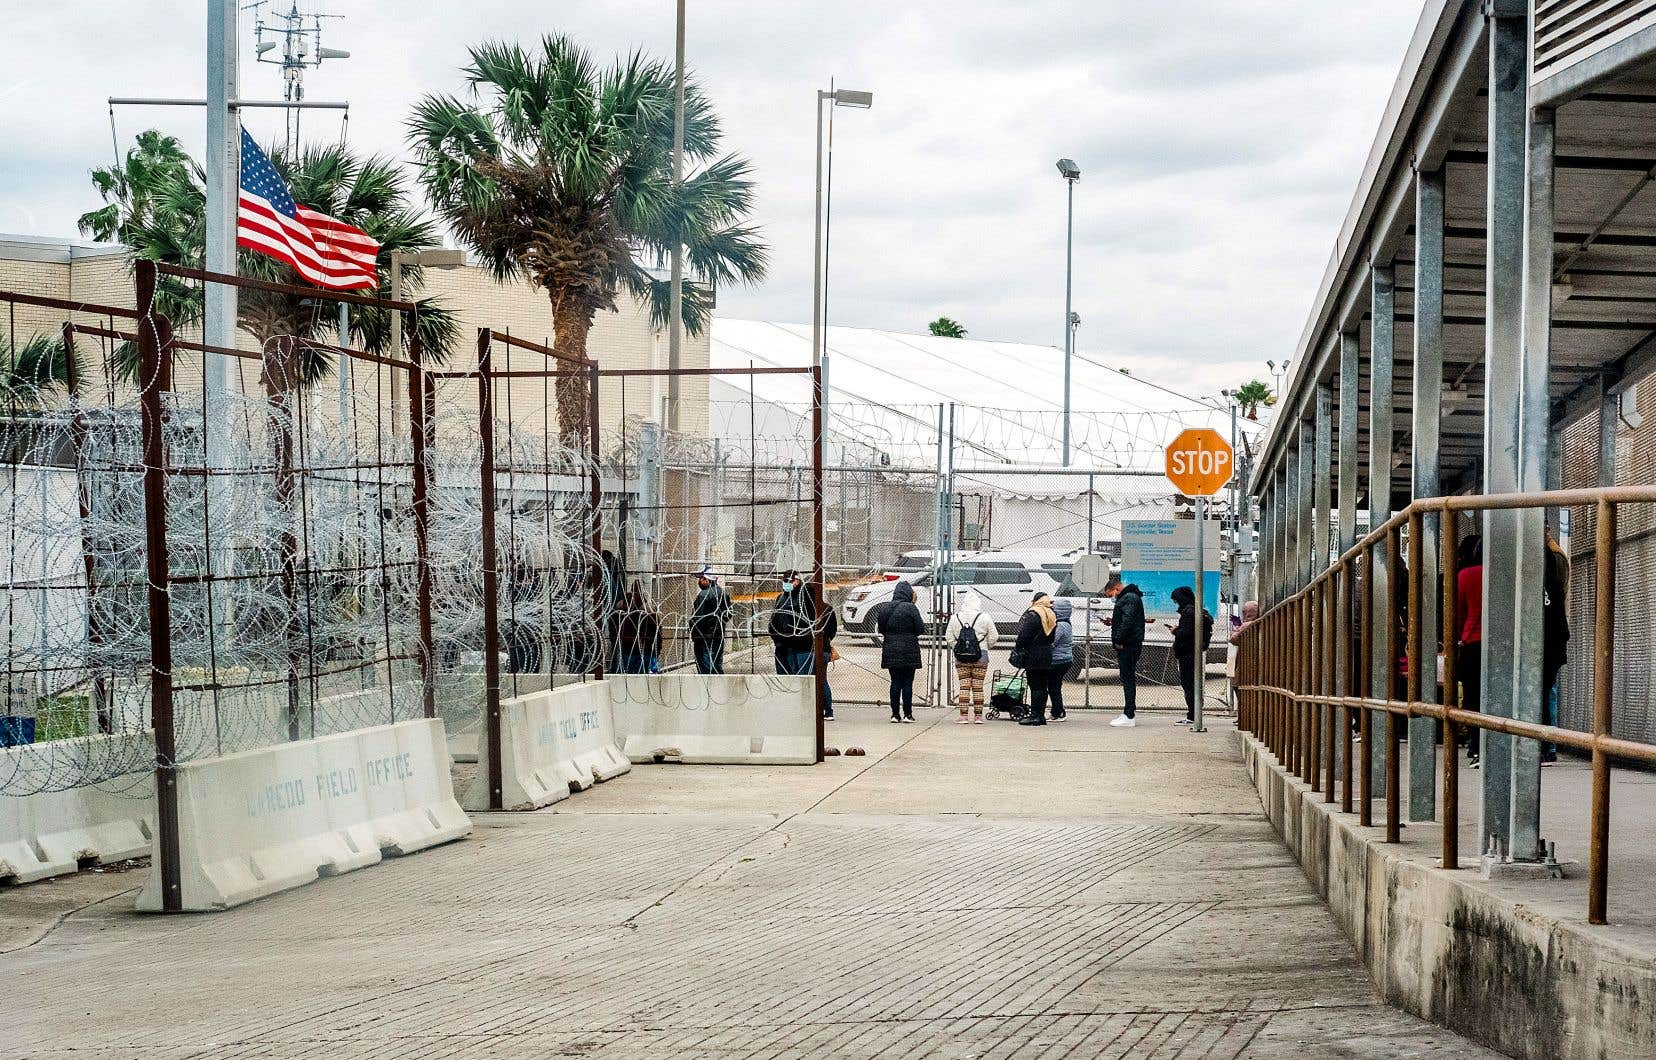 À ce jour, plus de 1000 enfants migrants vivent toujours séparés de leurs parents du côté américain de la frontière. Sur la photo, le poste frontalier mexicano-américain, du côté de Matamoros.